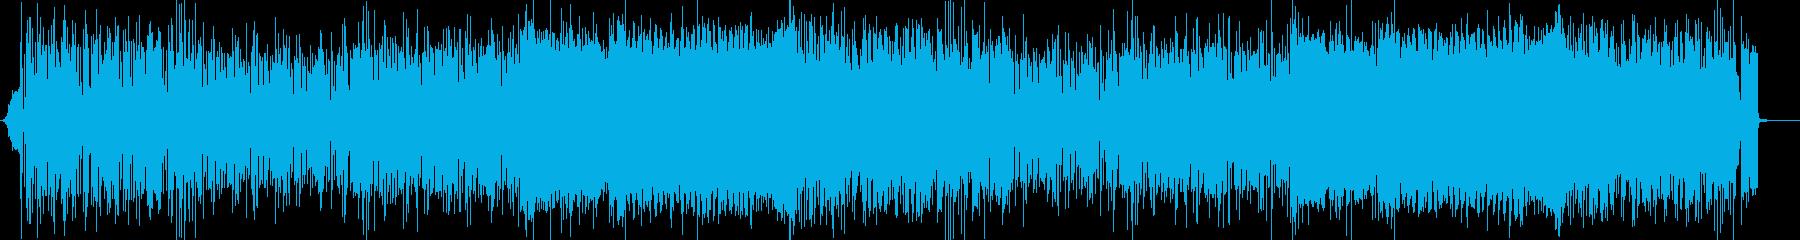 ノリノリだけど知的でミステリアスなBGMの再生済みの波形